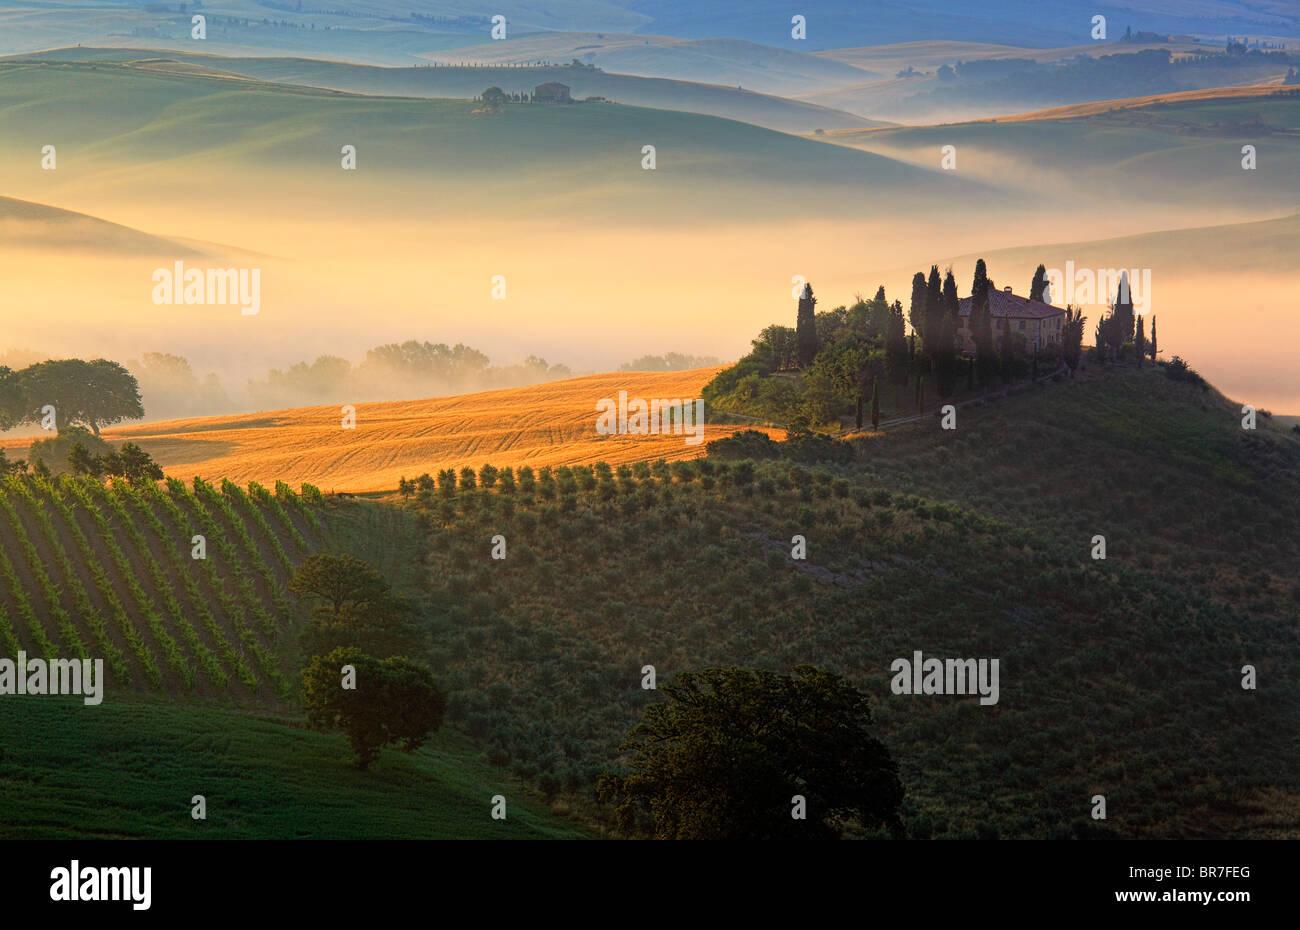 Villa sur une colline dans le Val d'Orcia, une région de la Toscane en Italie centrale, au lever du soleil Photo Stock